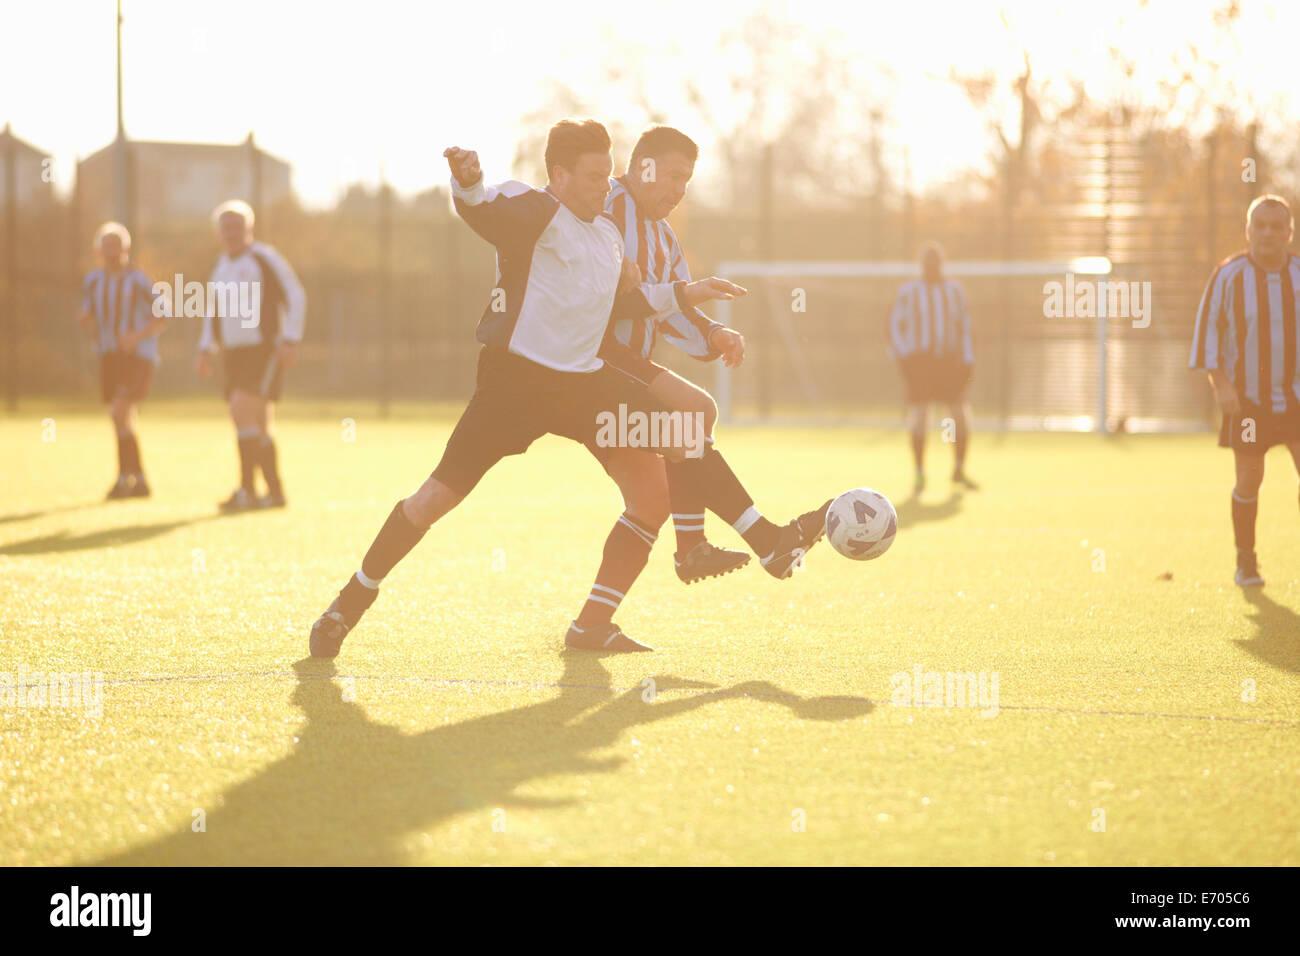 Fußballspieler kämpfen für ball Stockfoto